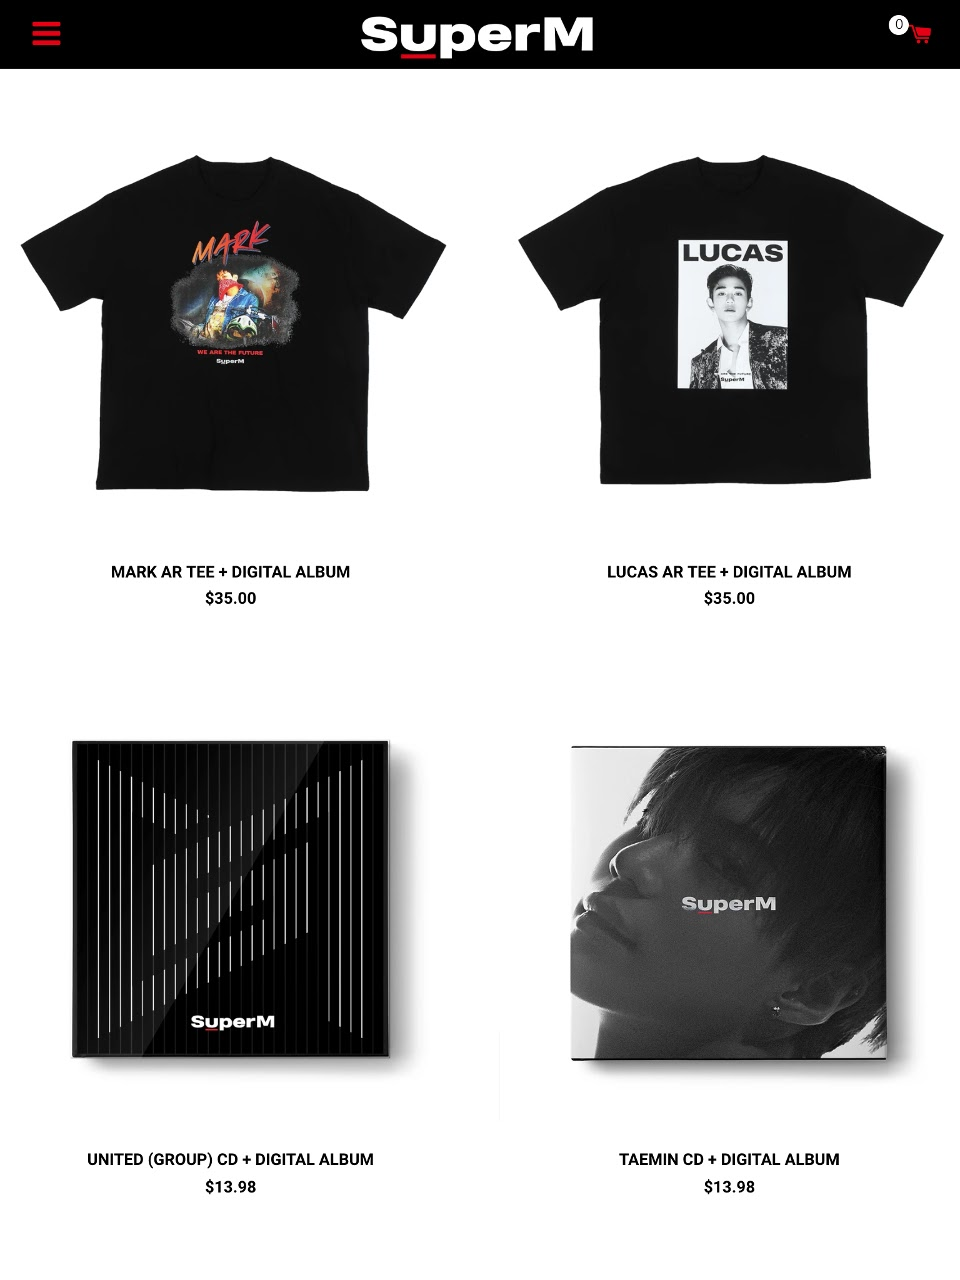 superm album bundle